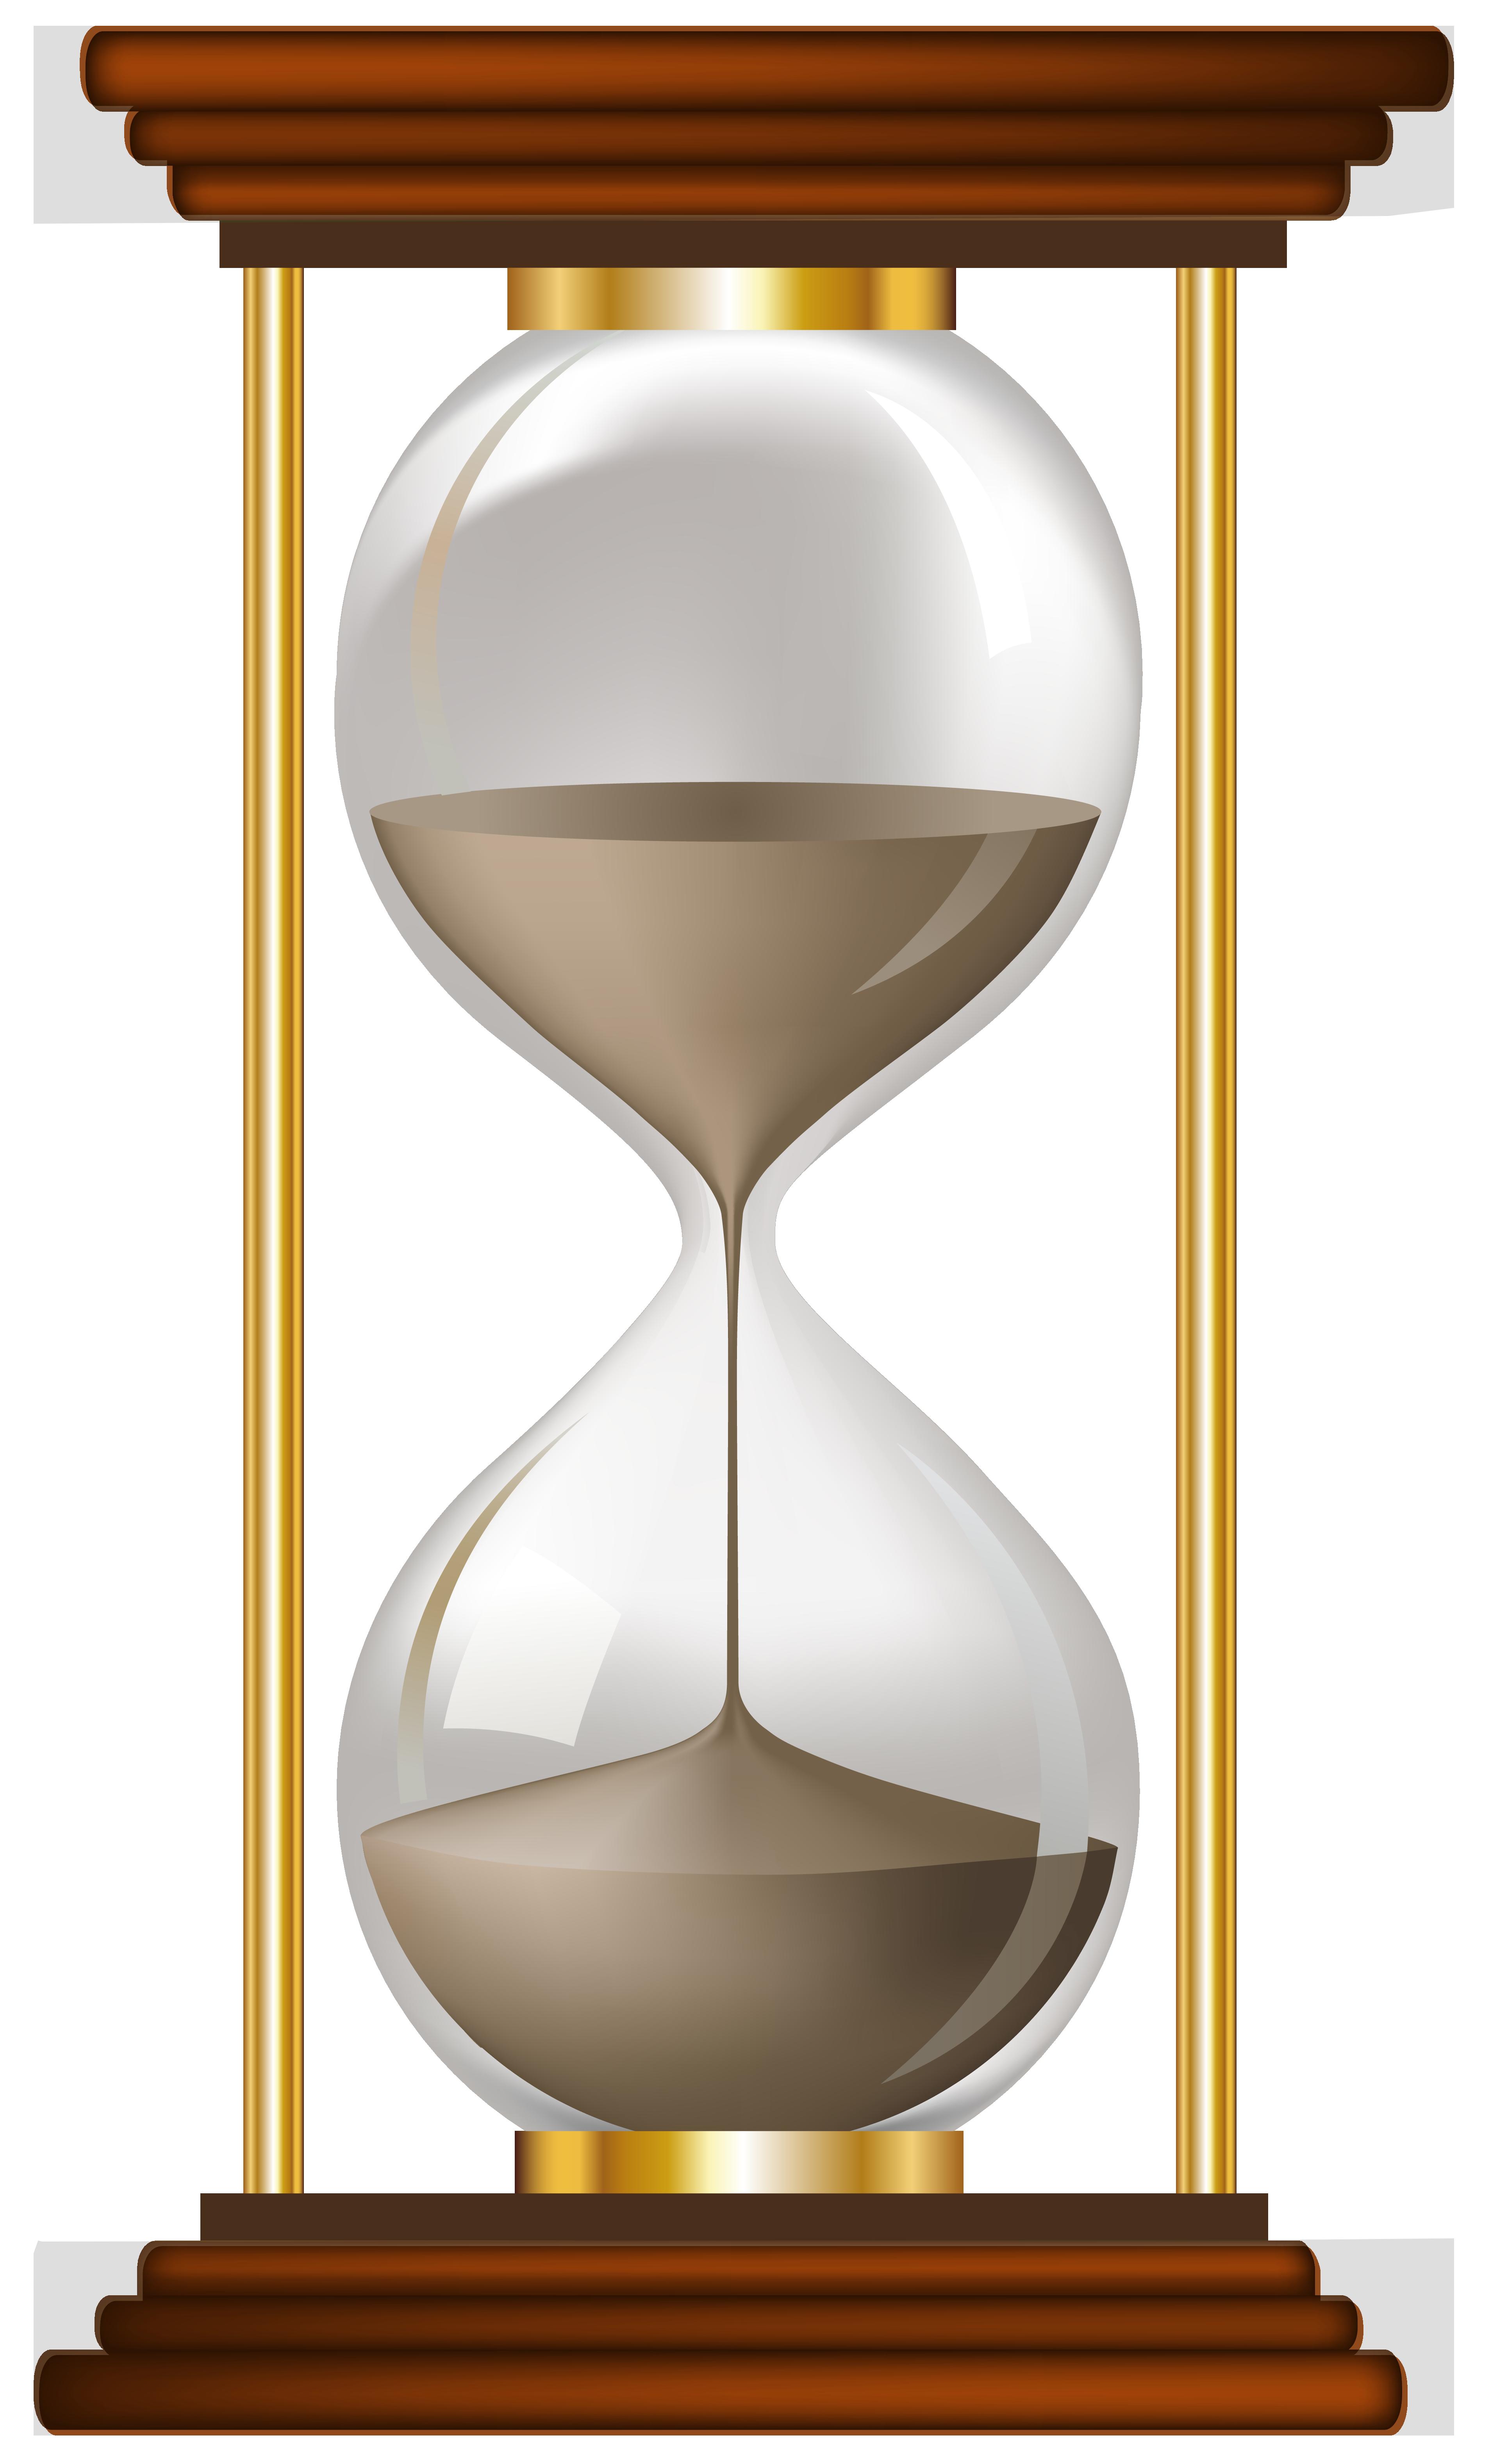 sand hourglass best web clipart art images sands clocks decoupage [ 3815 x 6308 Pixel ]